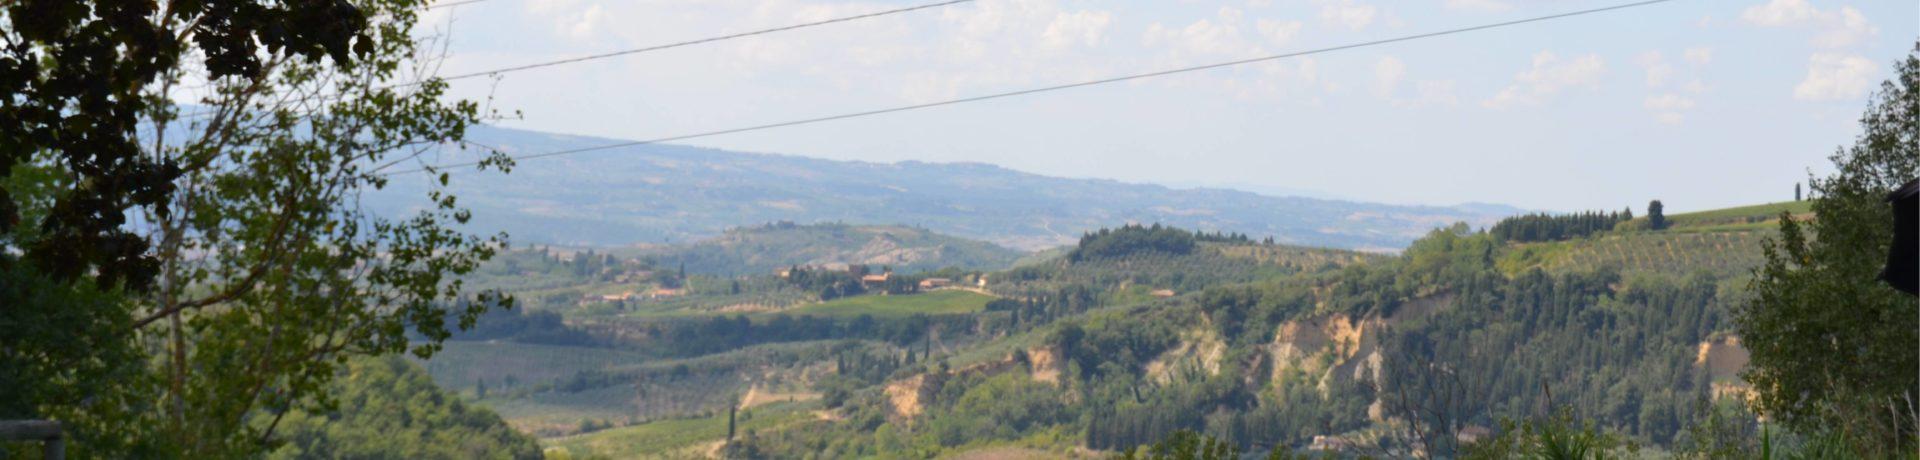 De charme Camping Panorama del Chianti in Certaldo beschikt over een zwembad en biedt een oase van rust, gelegen in de groene heuvels van Toscane.